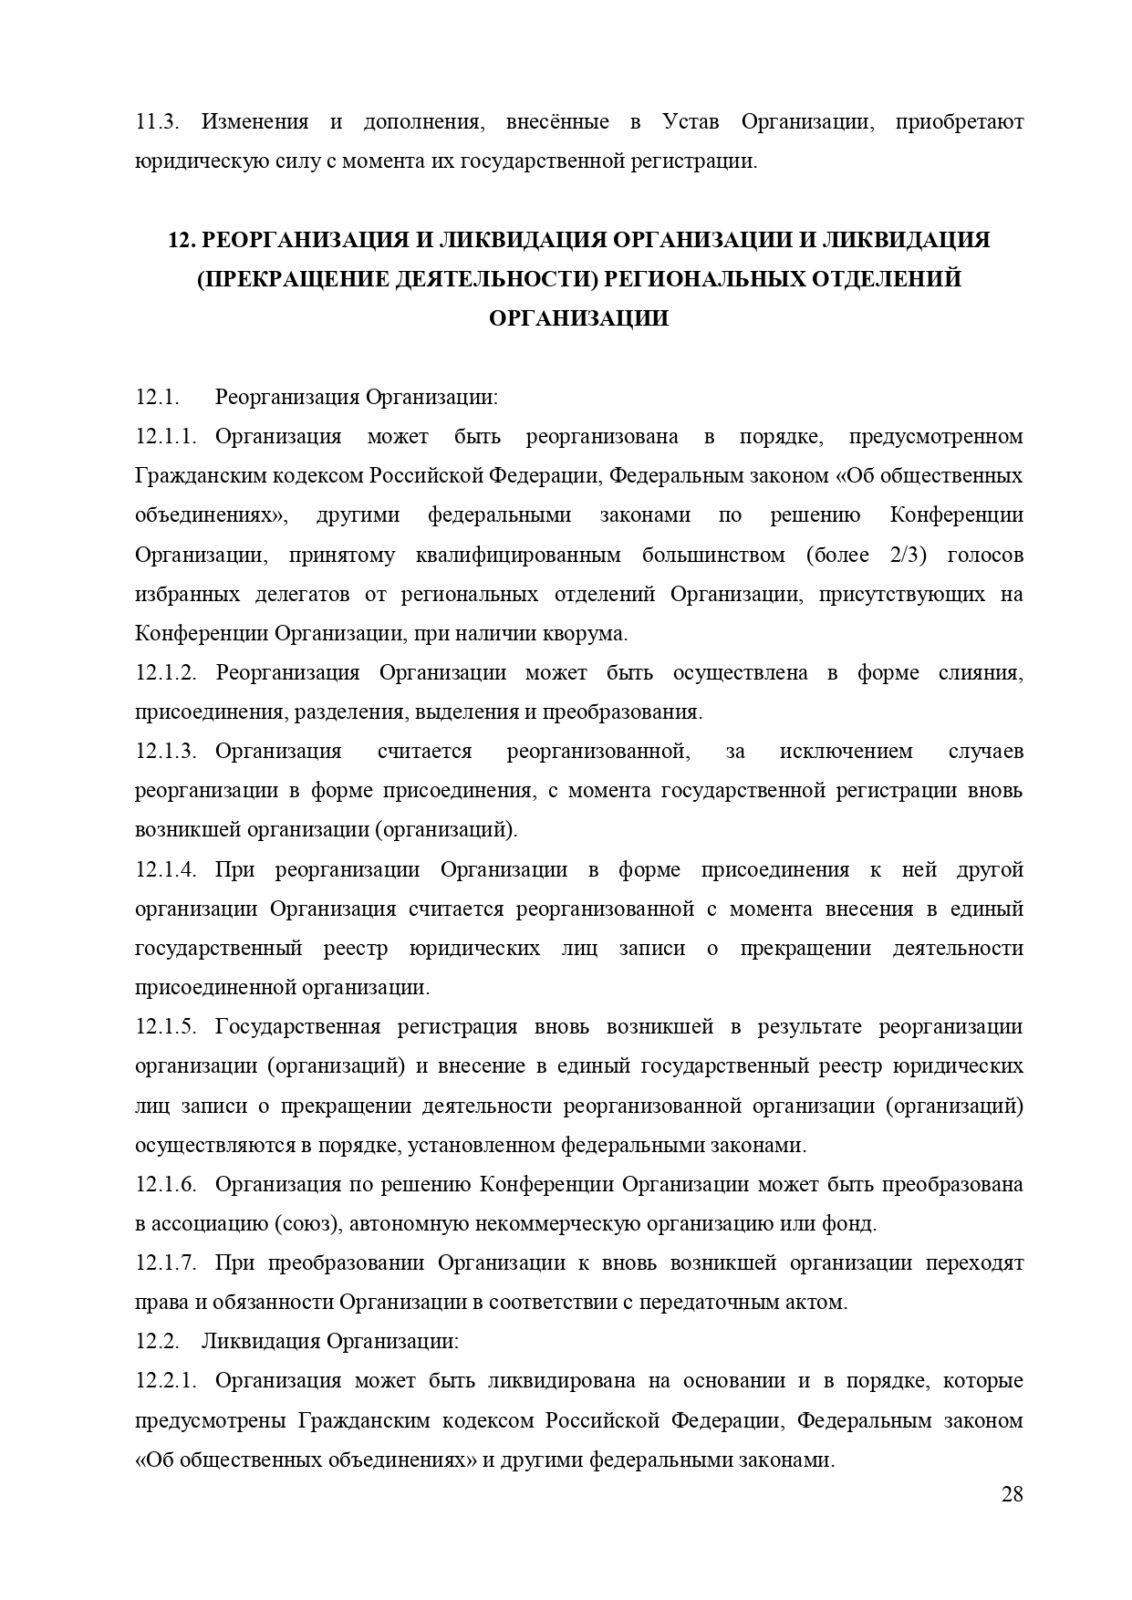 ustav_GKR_page-0028